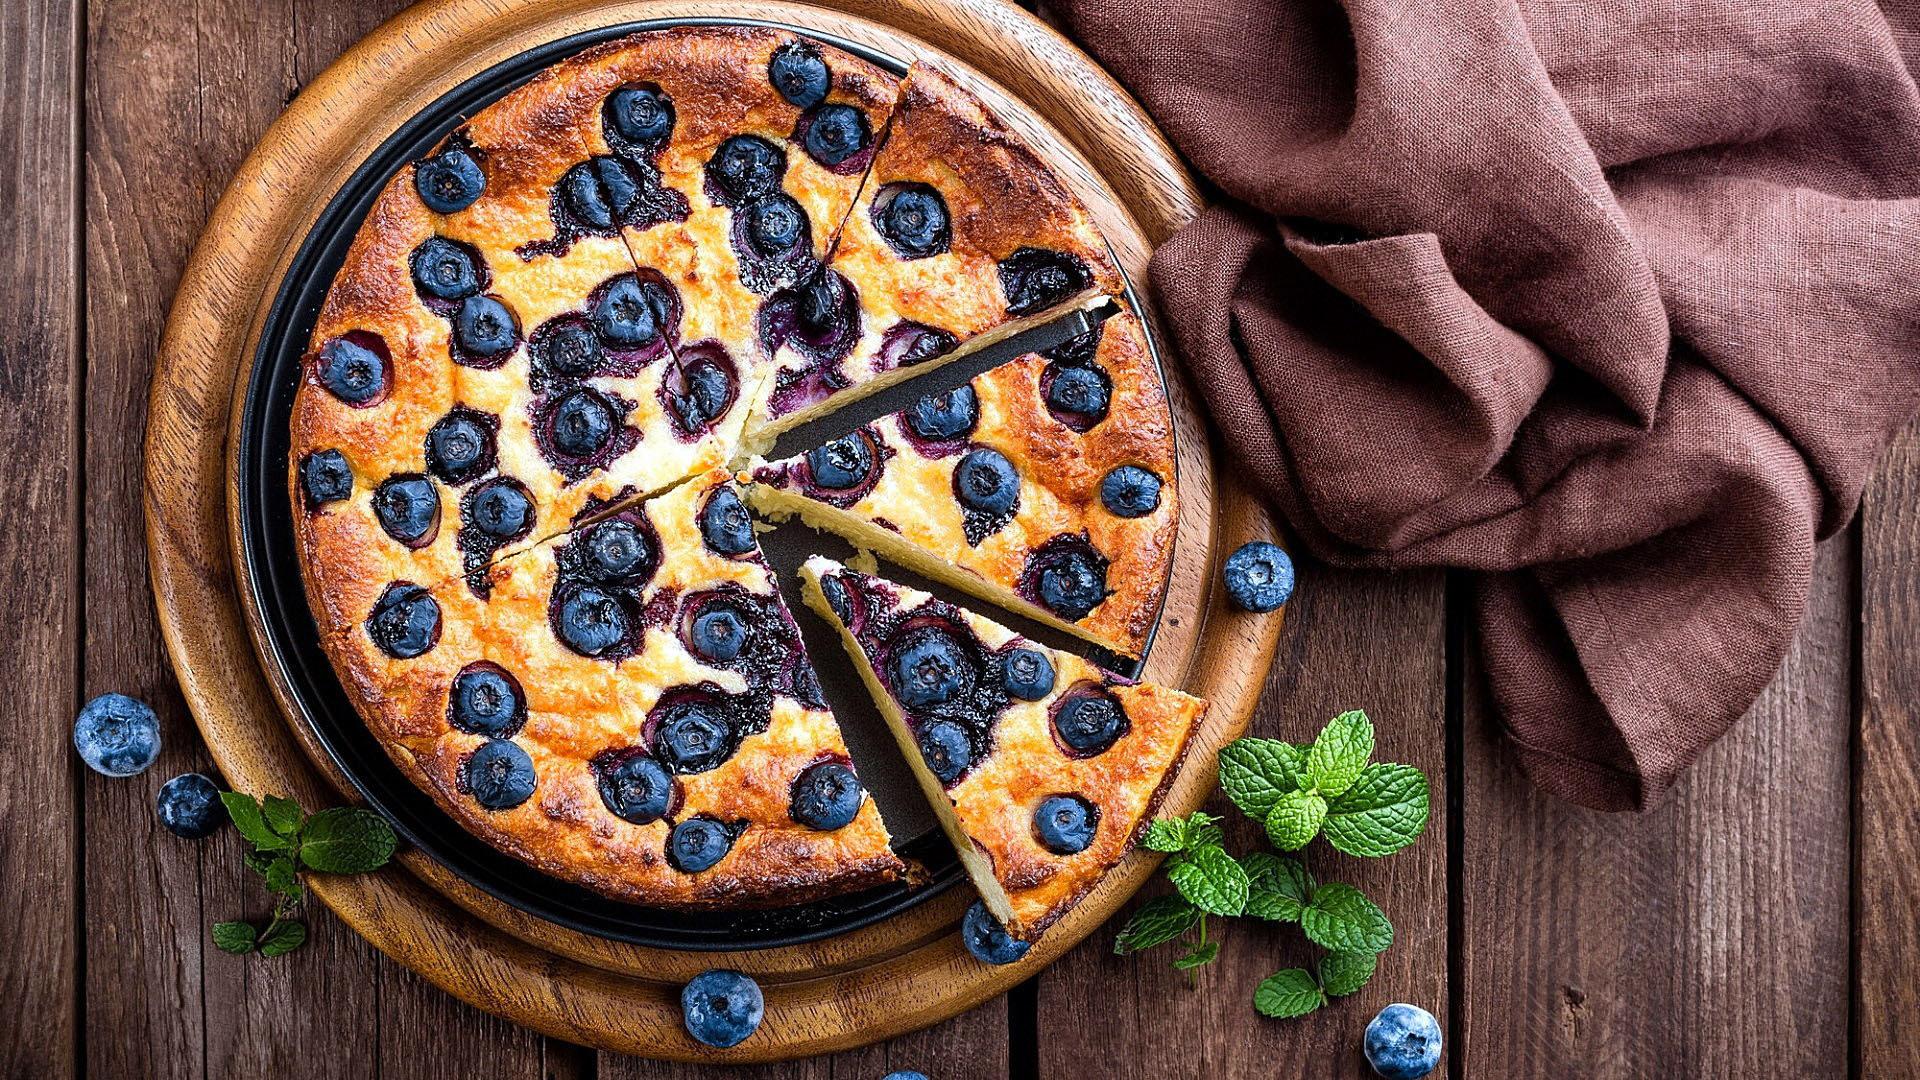 小清新,舒缓压力,披萨,蓝莓,饼子,西餐